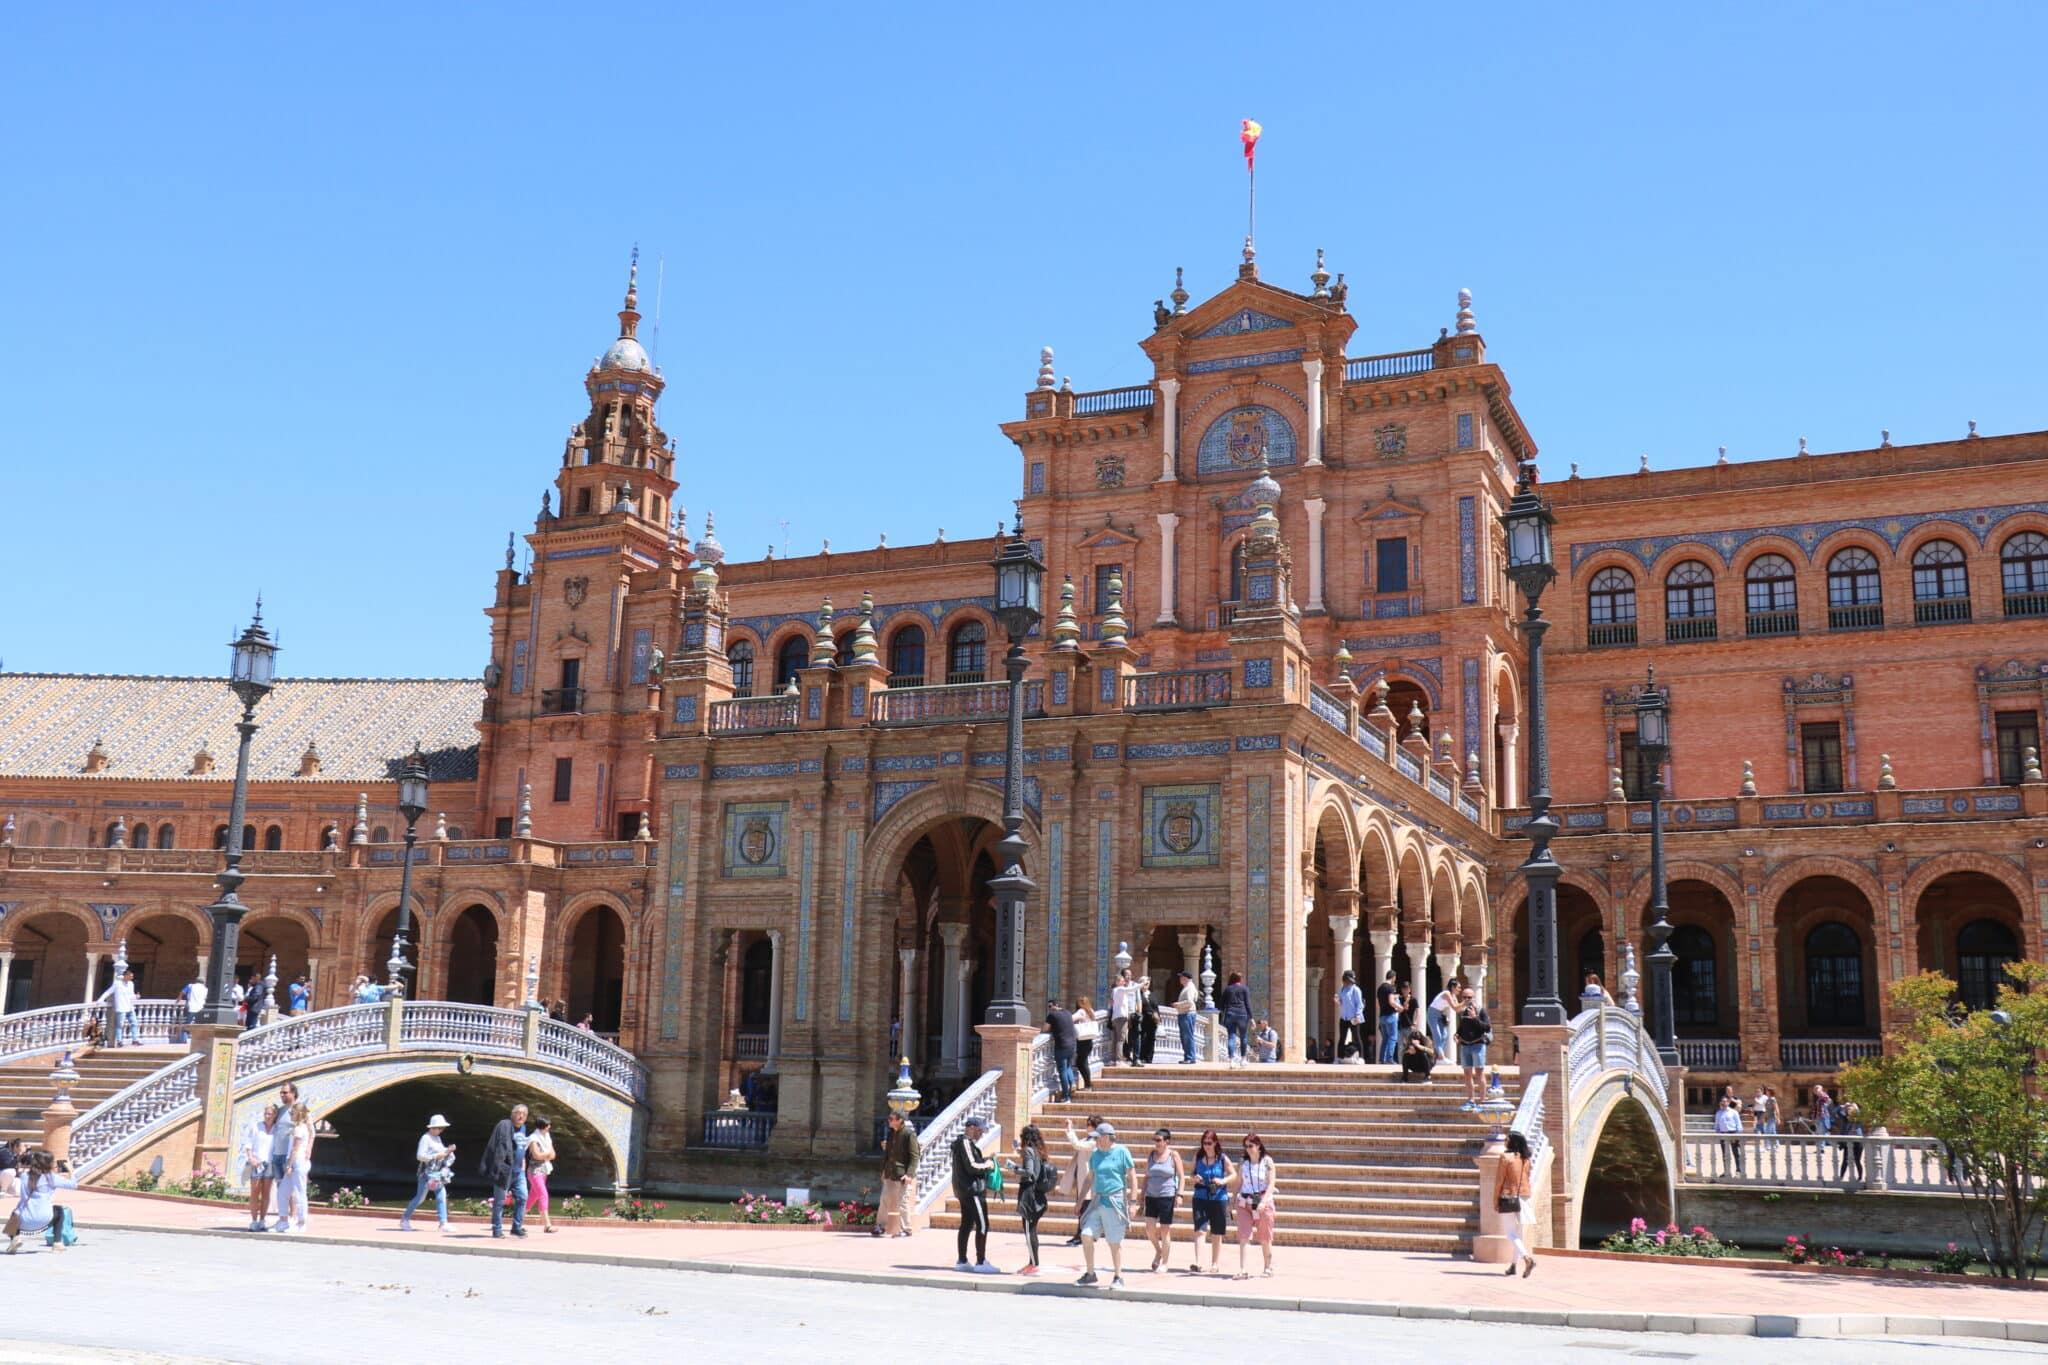 Het prachtige Plaza de Espana